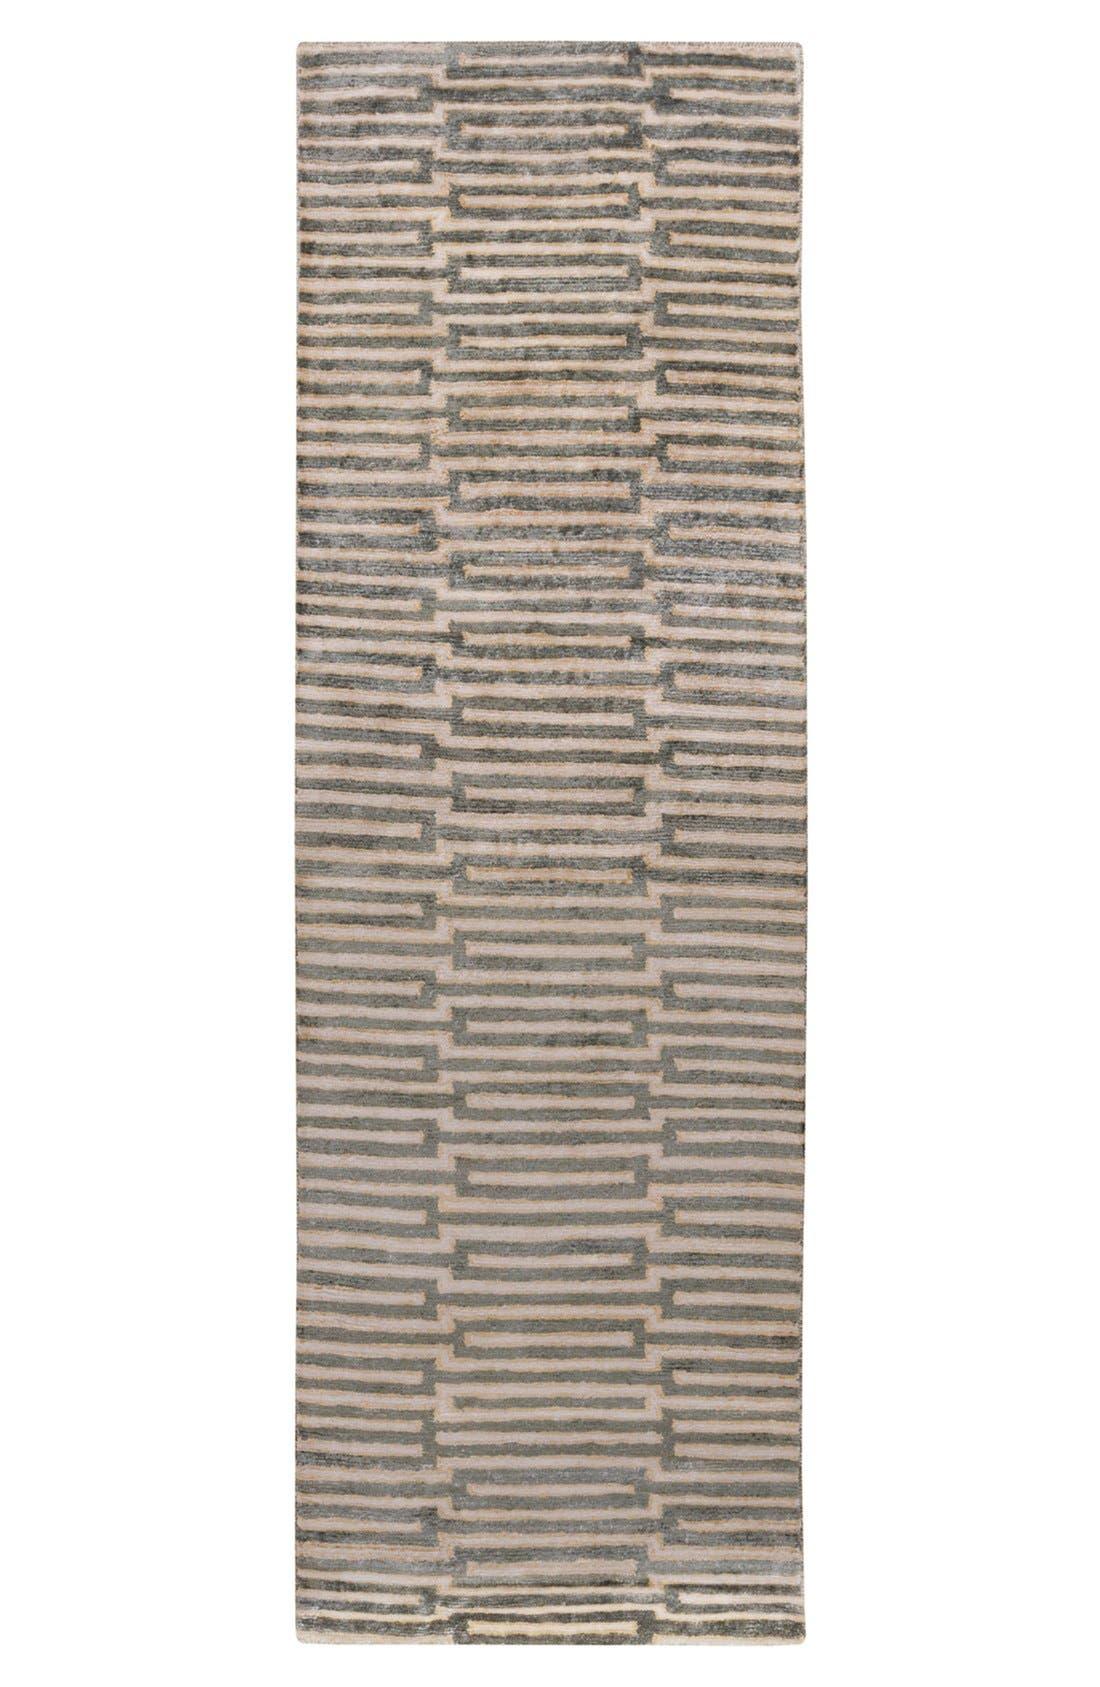 'Platinum' Hand Tufted Rug,                             Alternate thumbnail 3, color,                             Olive/ Beige